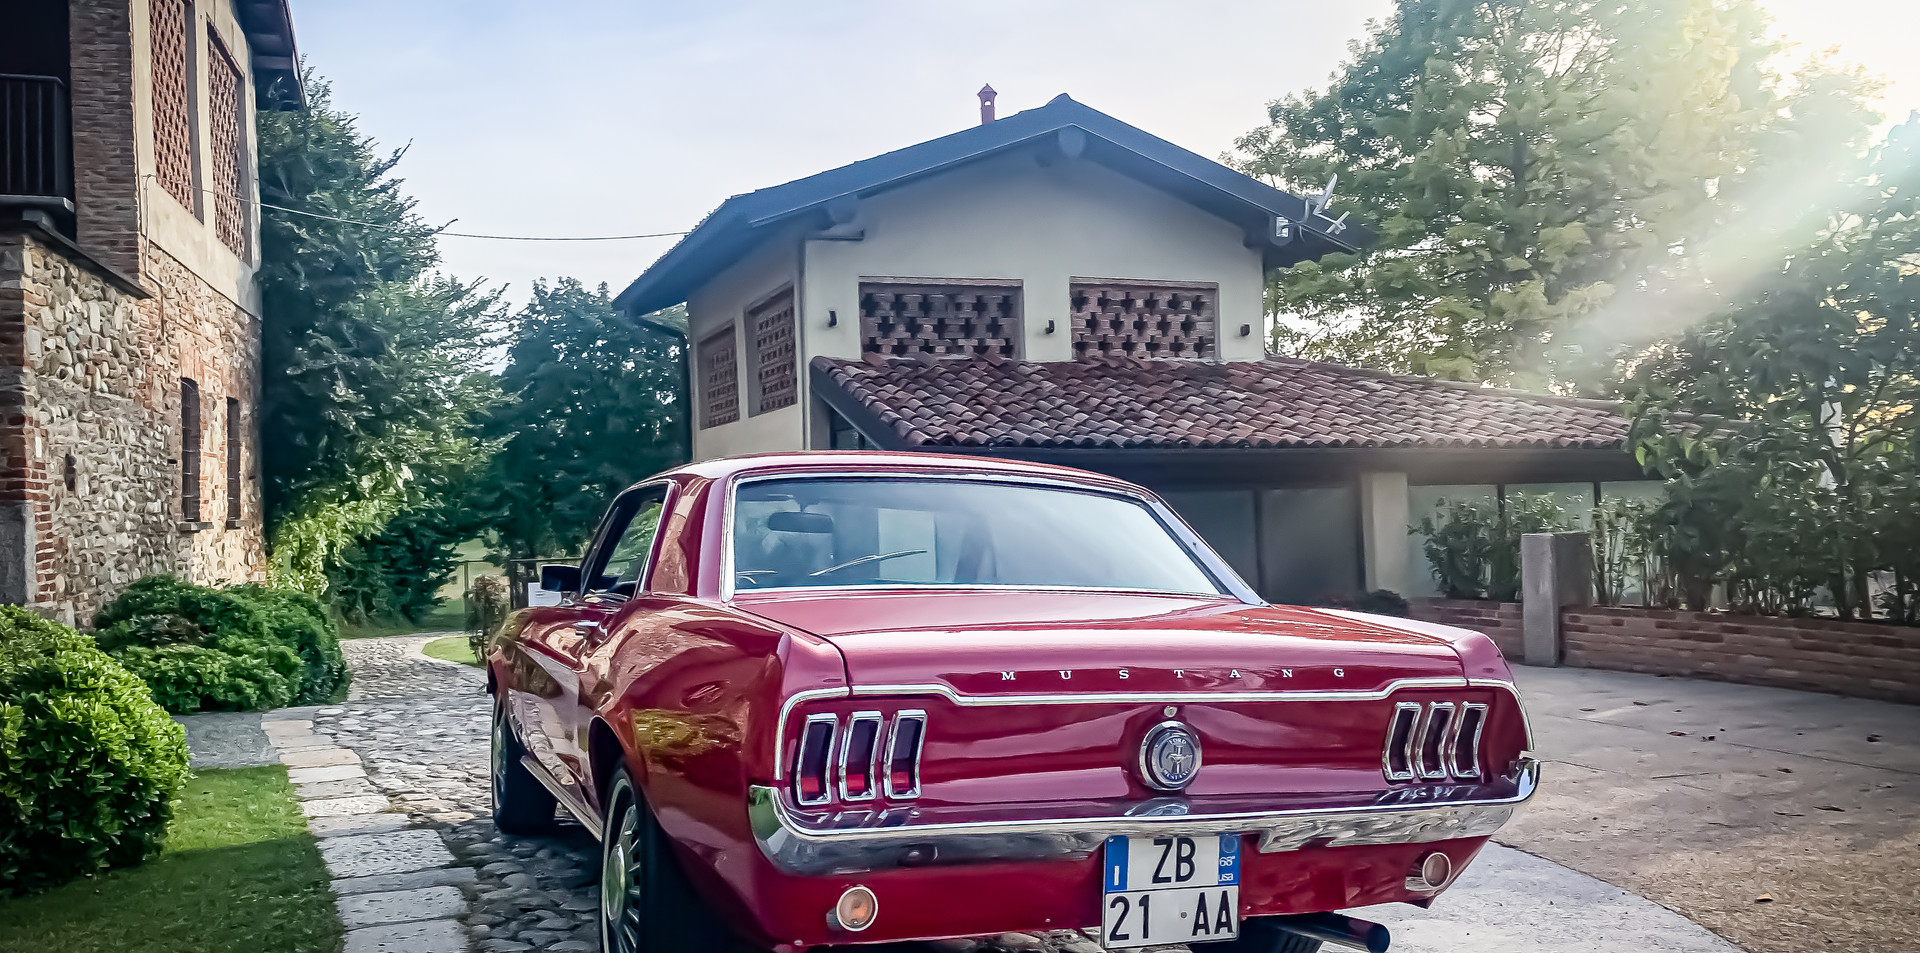 Ford Mustang Coupè Noleggio Auto Matrimo